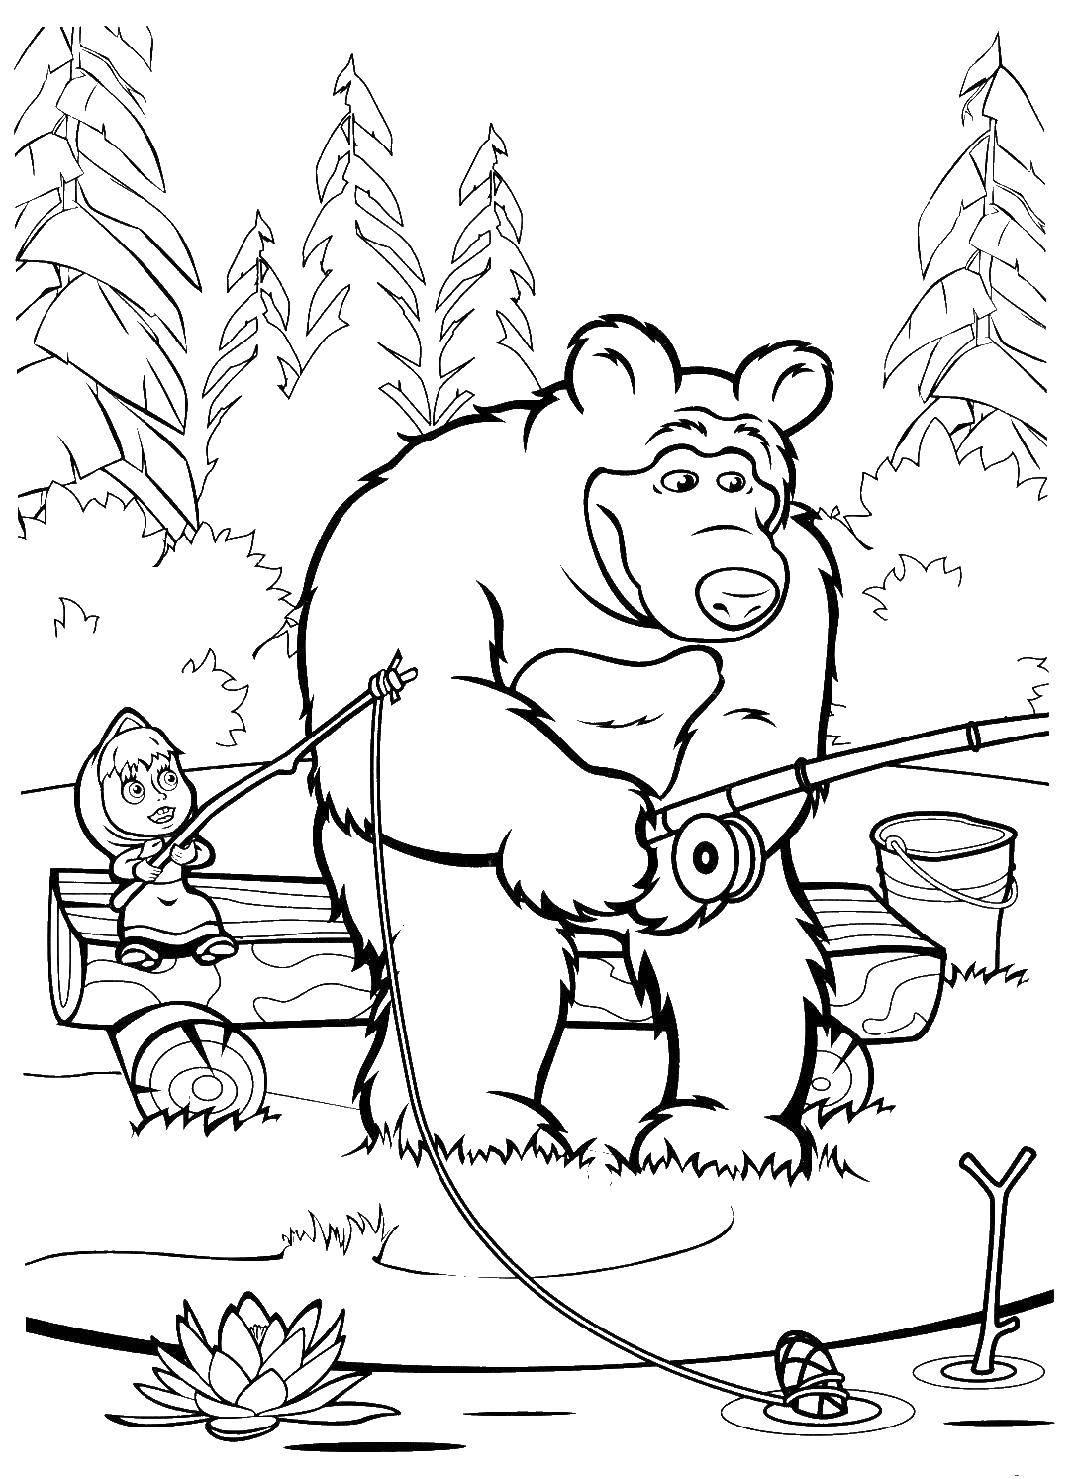 Раскраска маша и медведь Скачать парк развлечений, парки, билеты.  Распечатать ,раскраски,